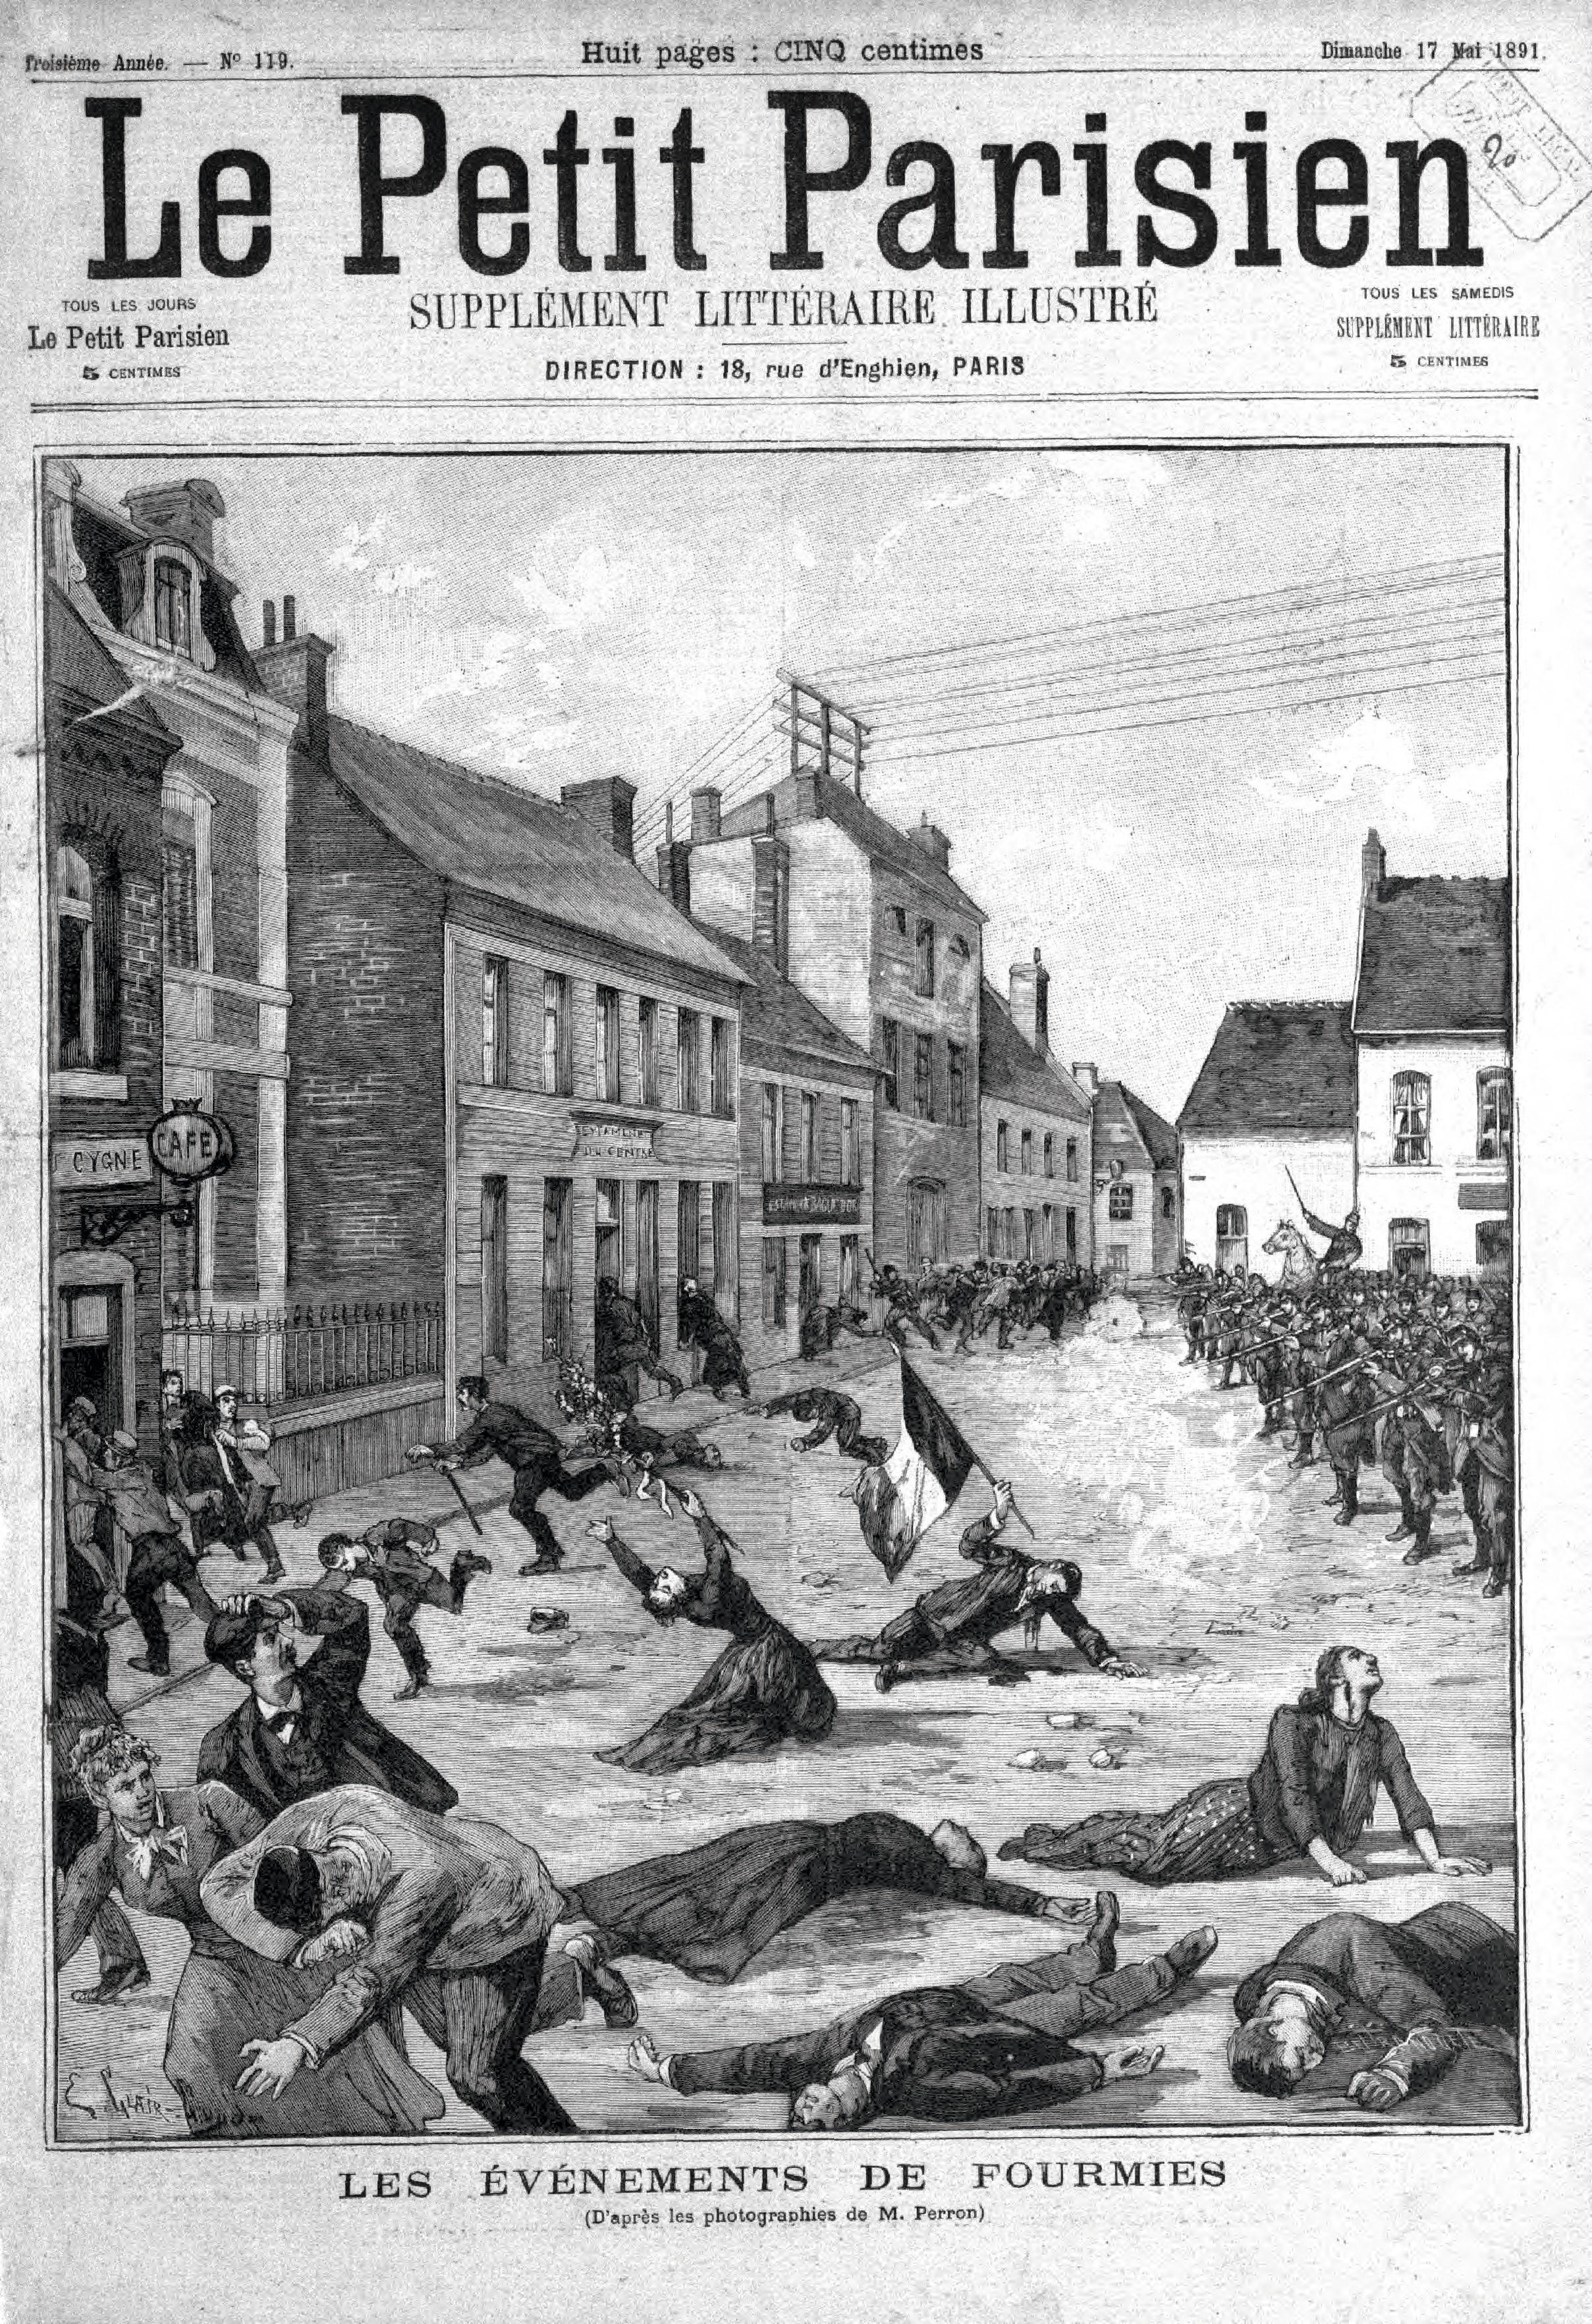 Couverture du Supplément illustré du Petit Parisien le 17 mai 1891.